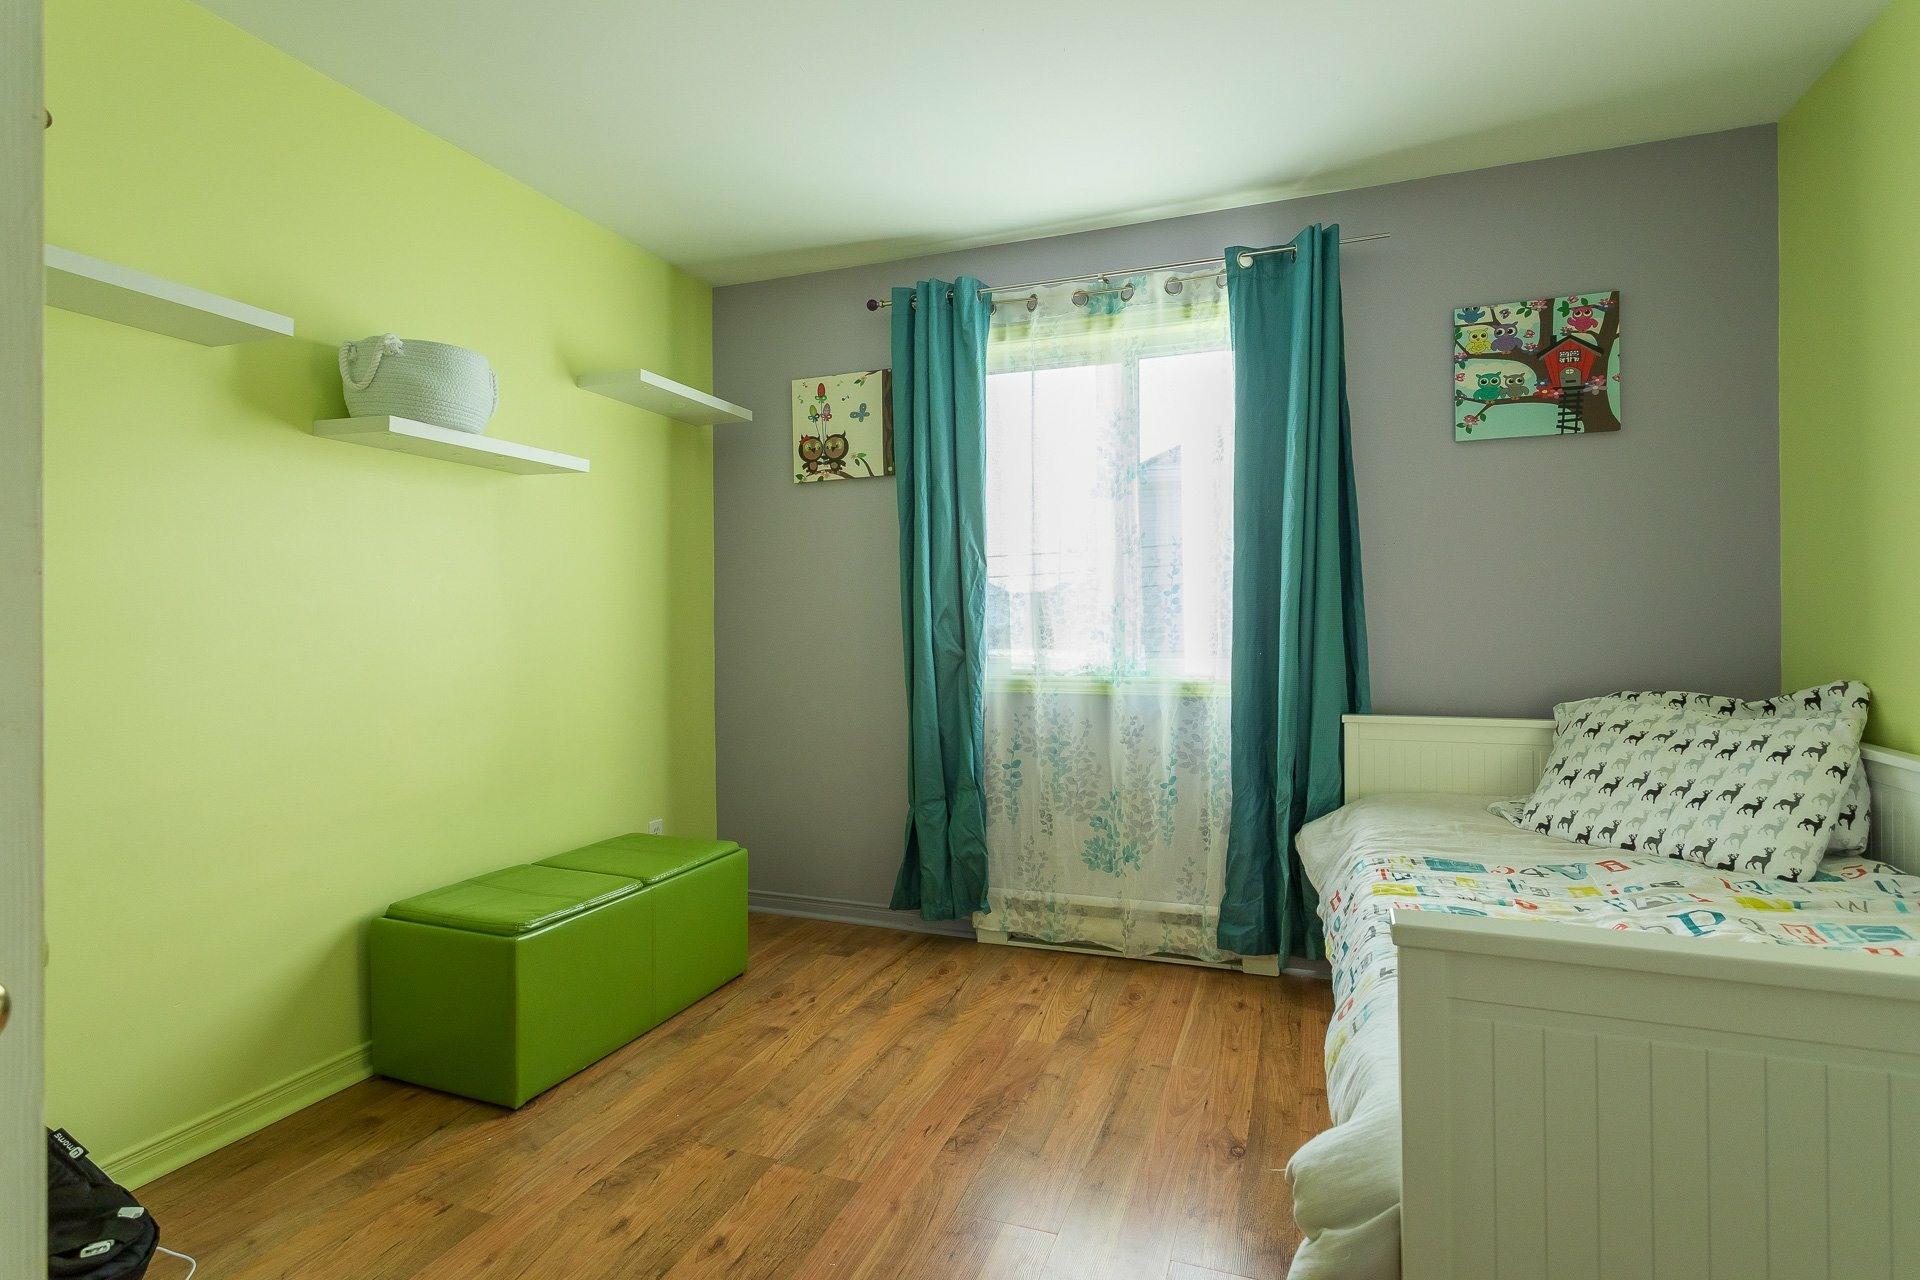 image 20 - Maison À vendre Rivière-des-Prairies/Pointe-aux-Trembles Montréal  - 9 pièces